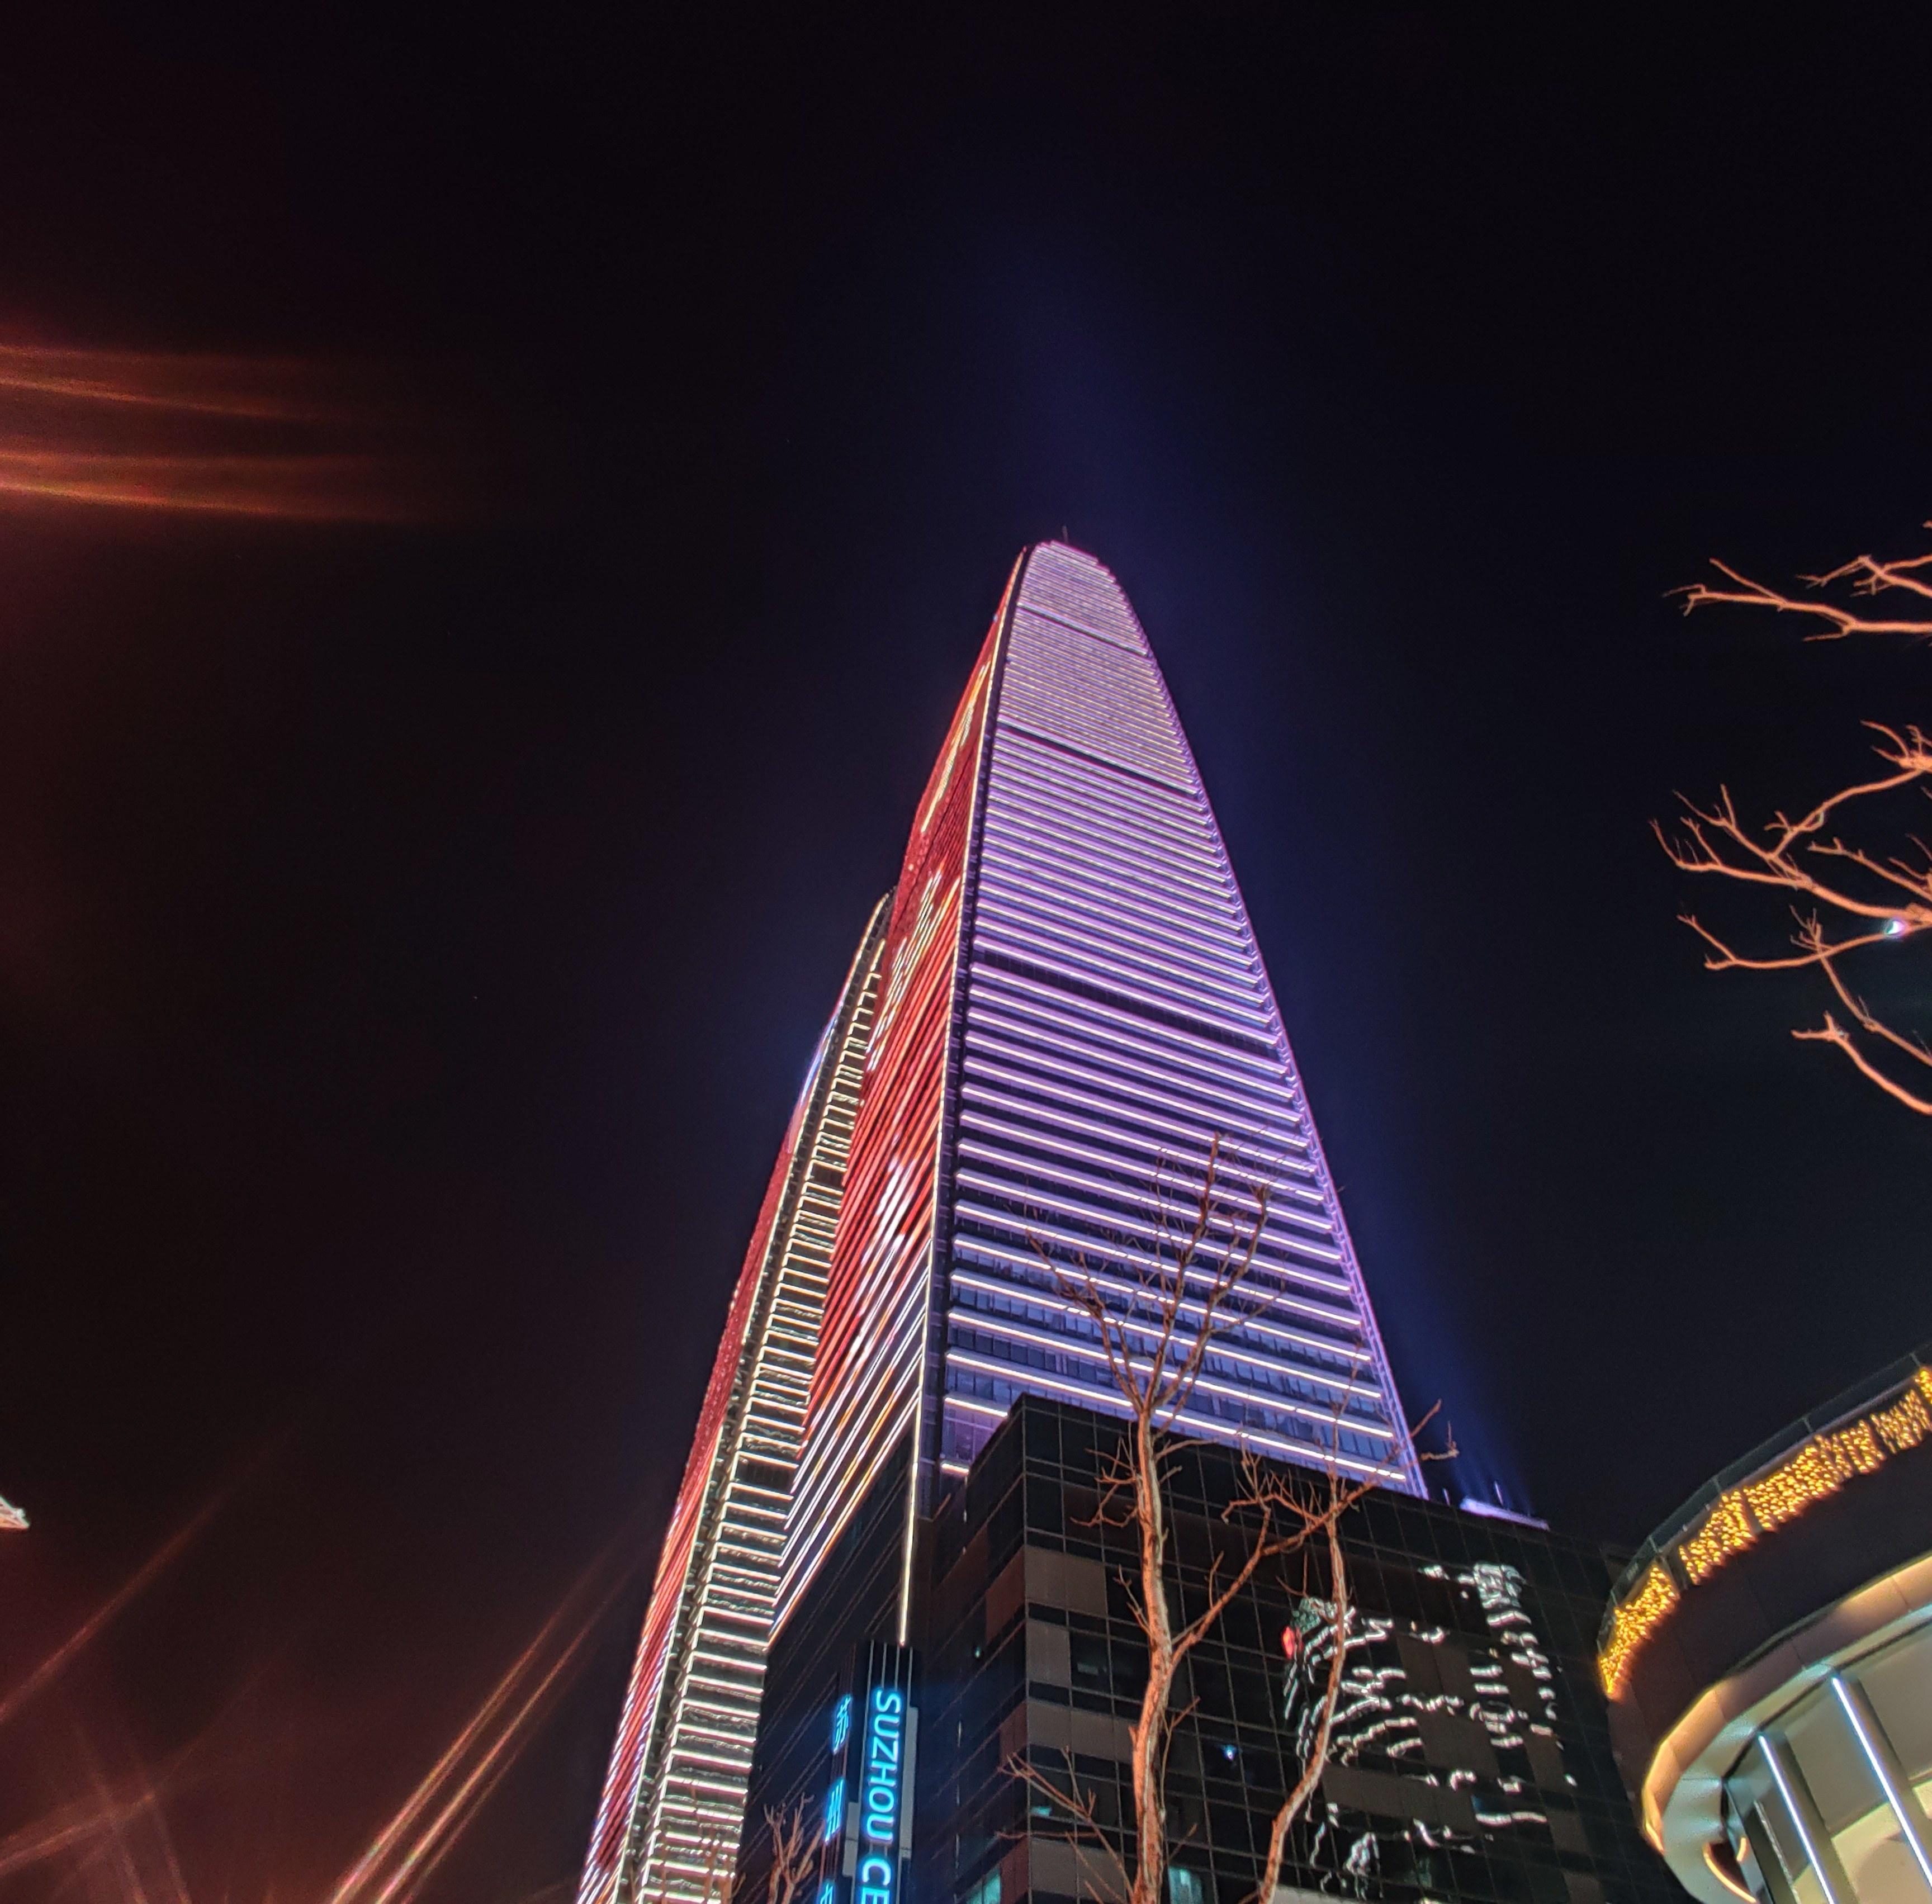 苏州高楼迷论坛手机版 苏州高楼迷论坛摩天